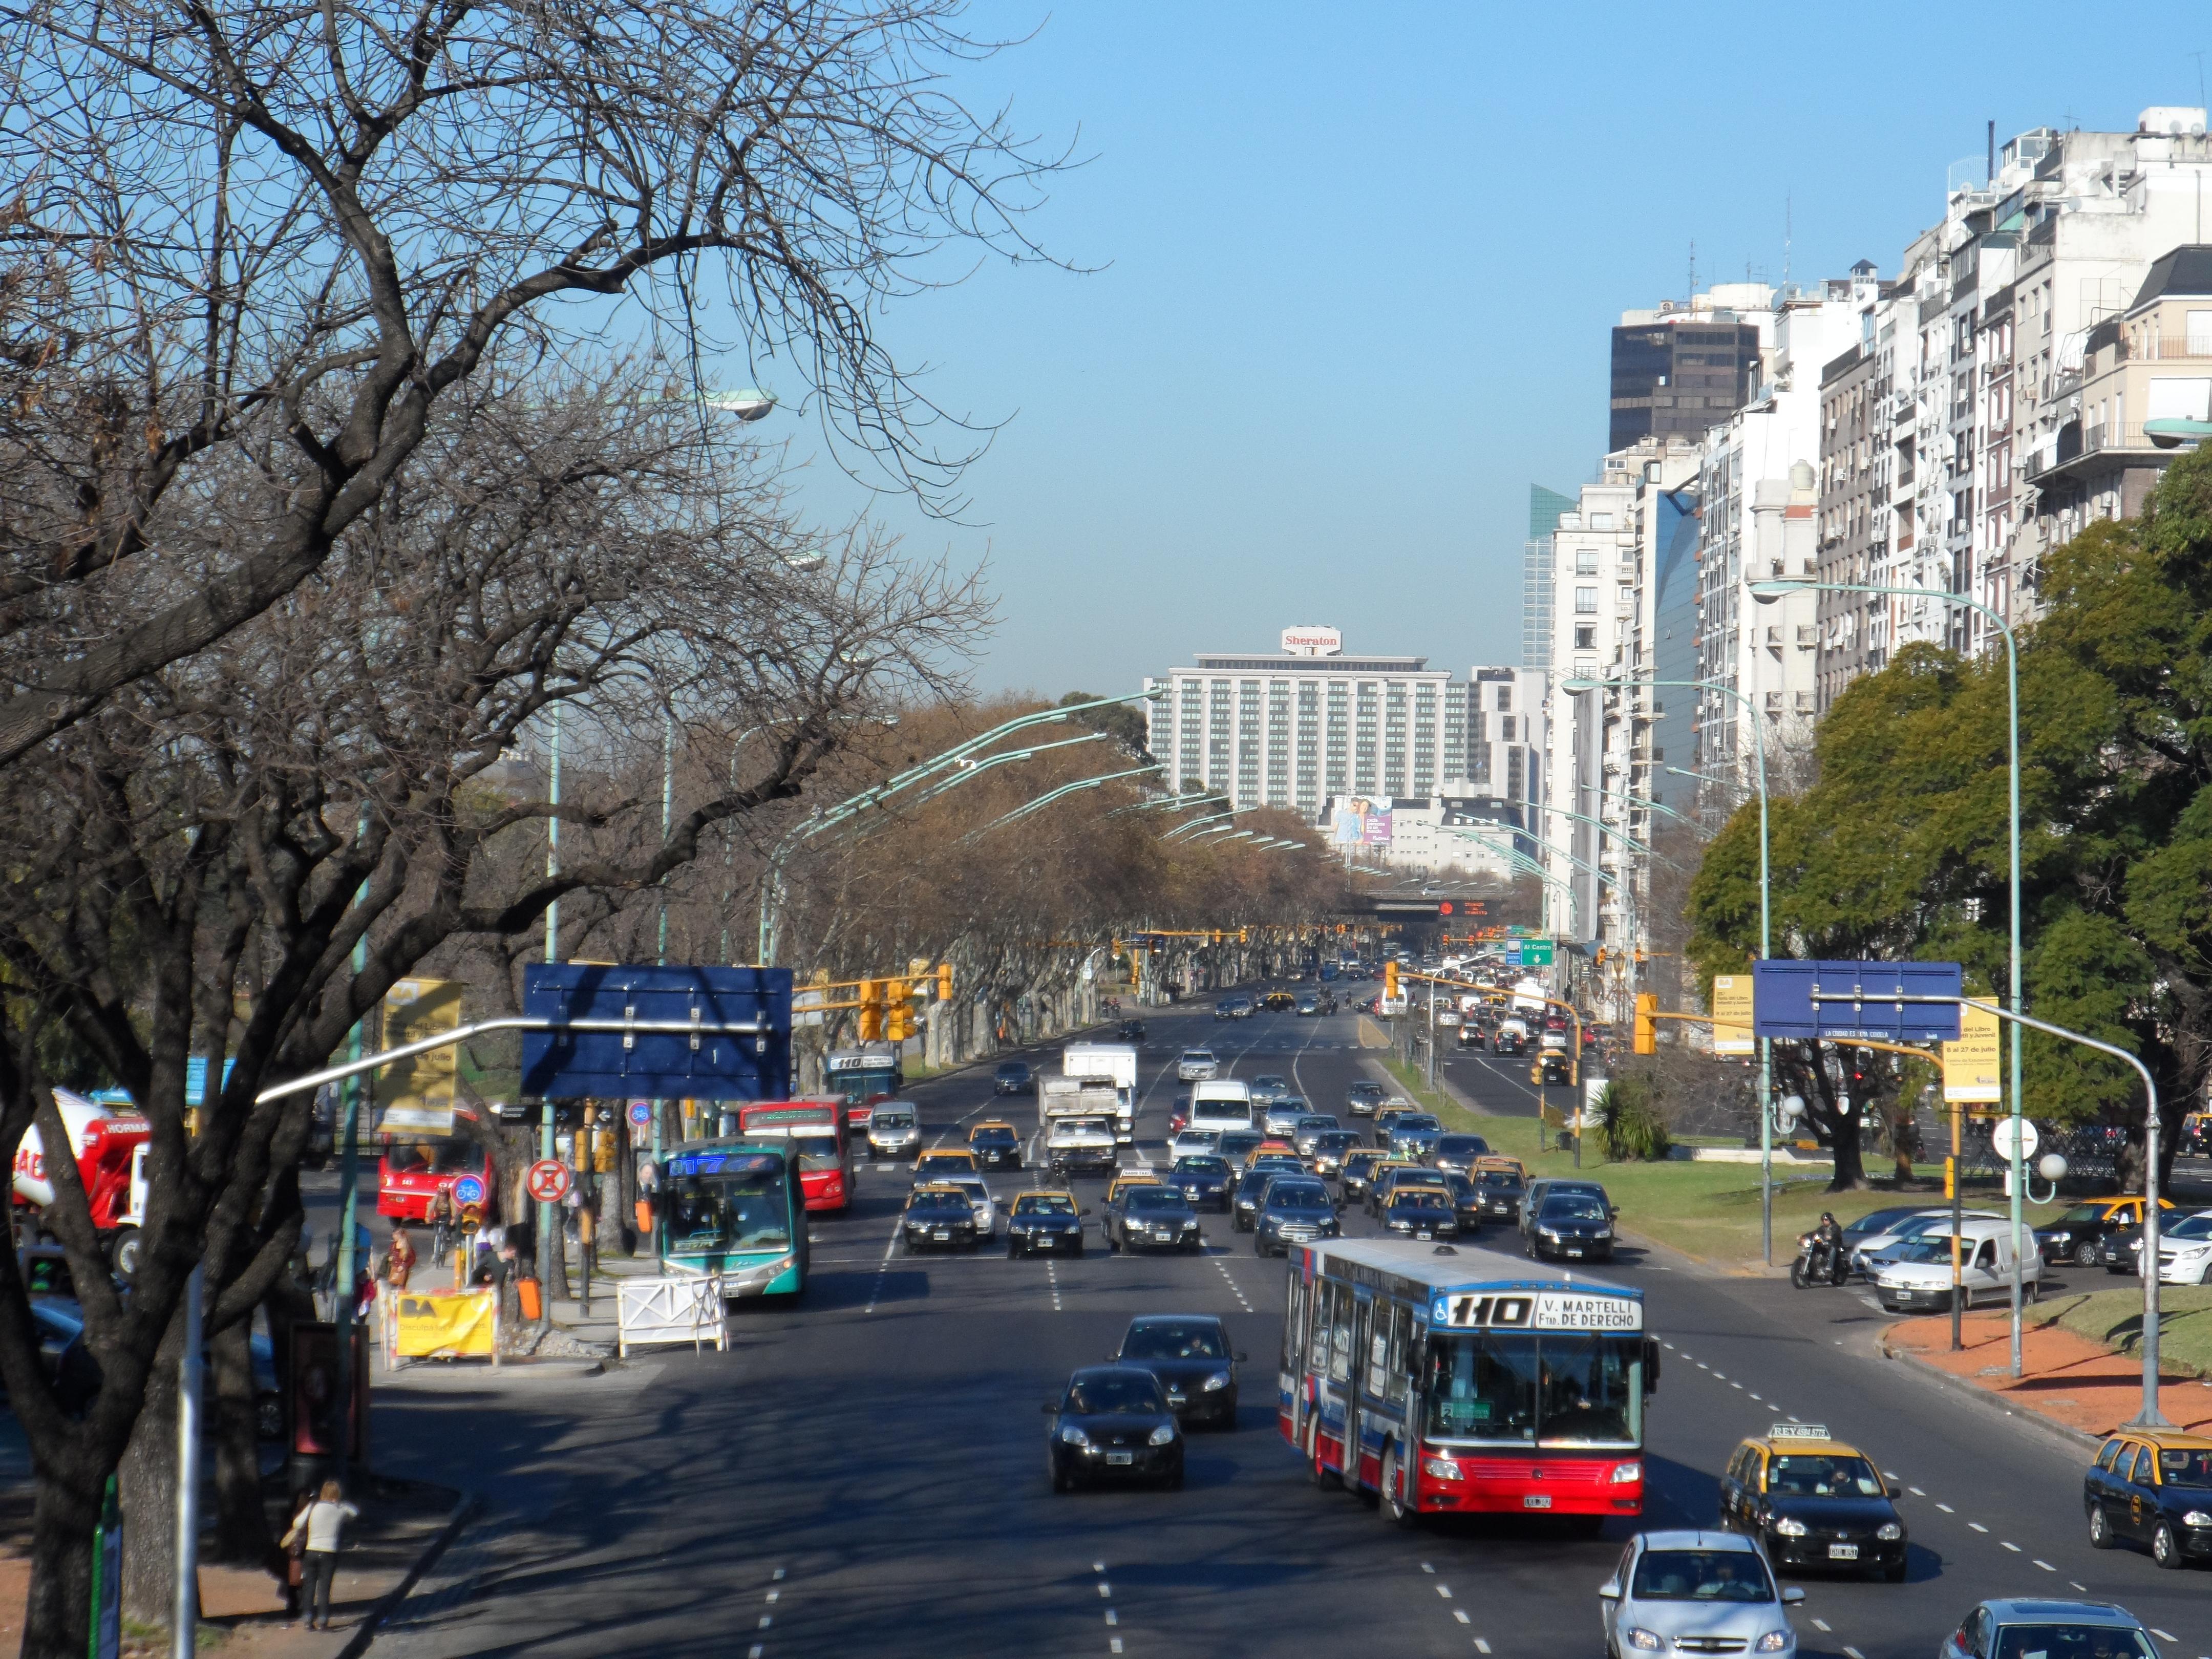 Avenidas - La Avenida Del Libertador se encuentra paralela al Río de la Plata.